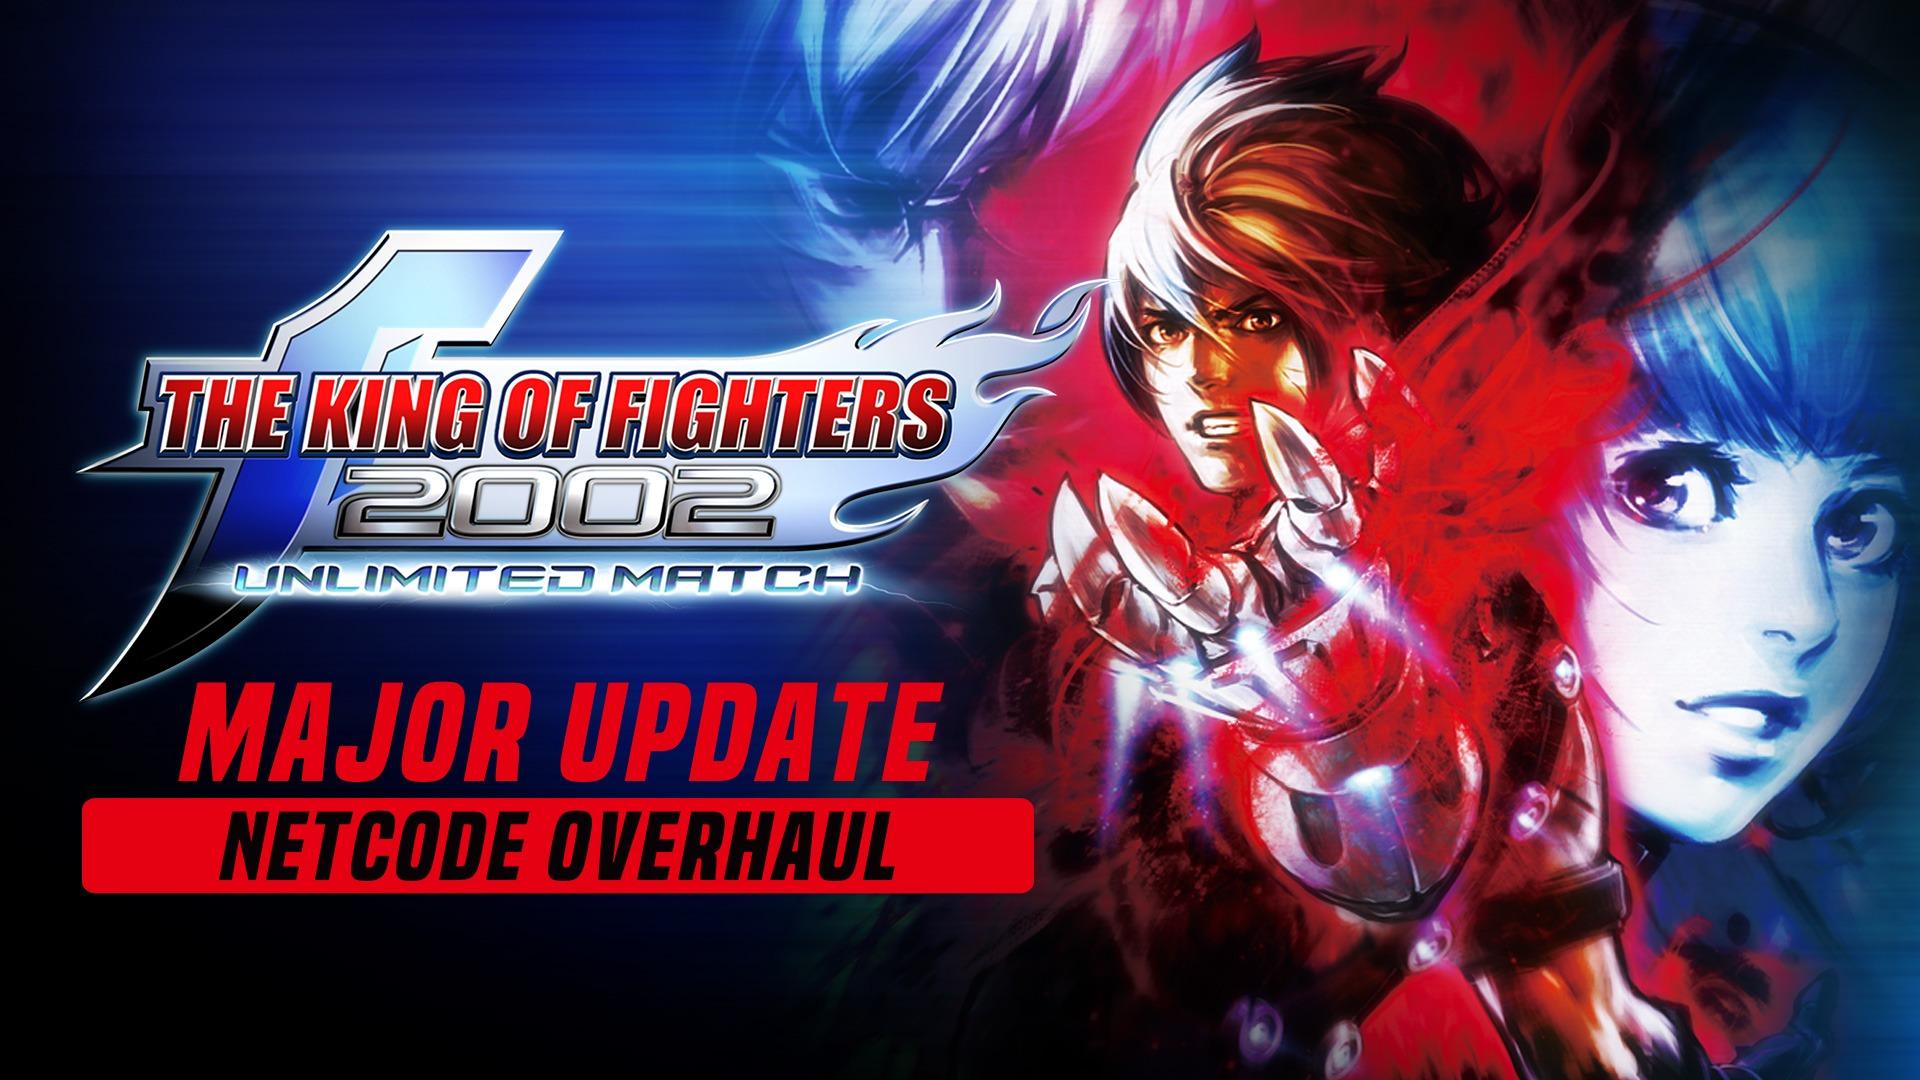 Le logo de the king of fighters 2002 unlimited match avec inscrit Major Update dessous